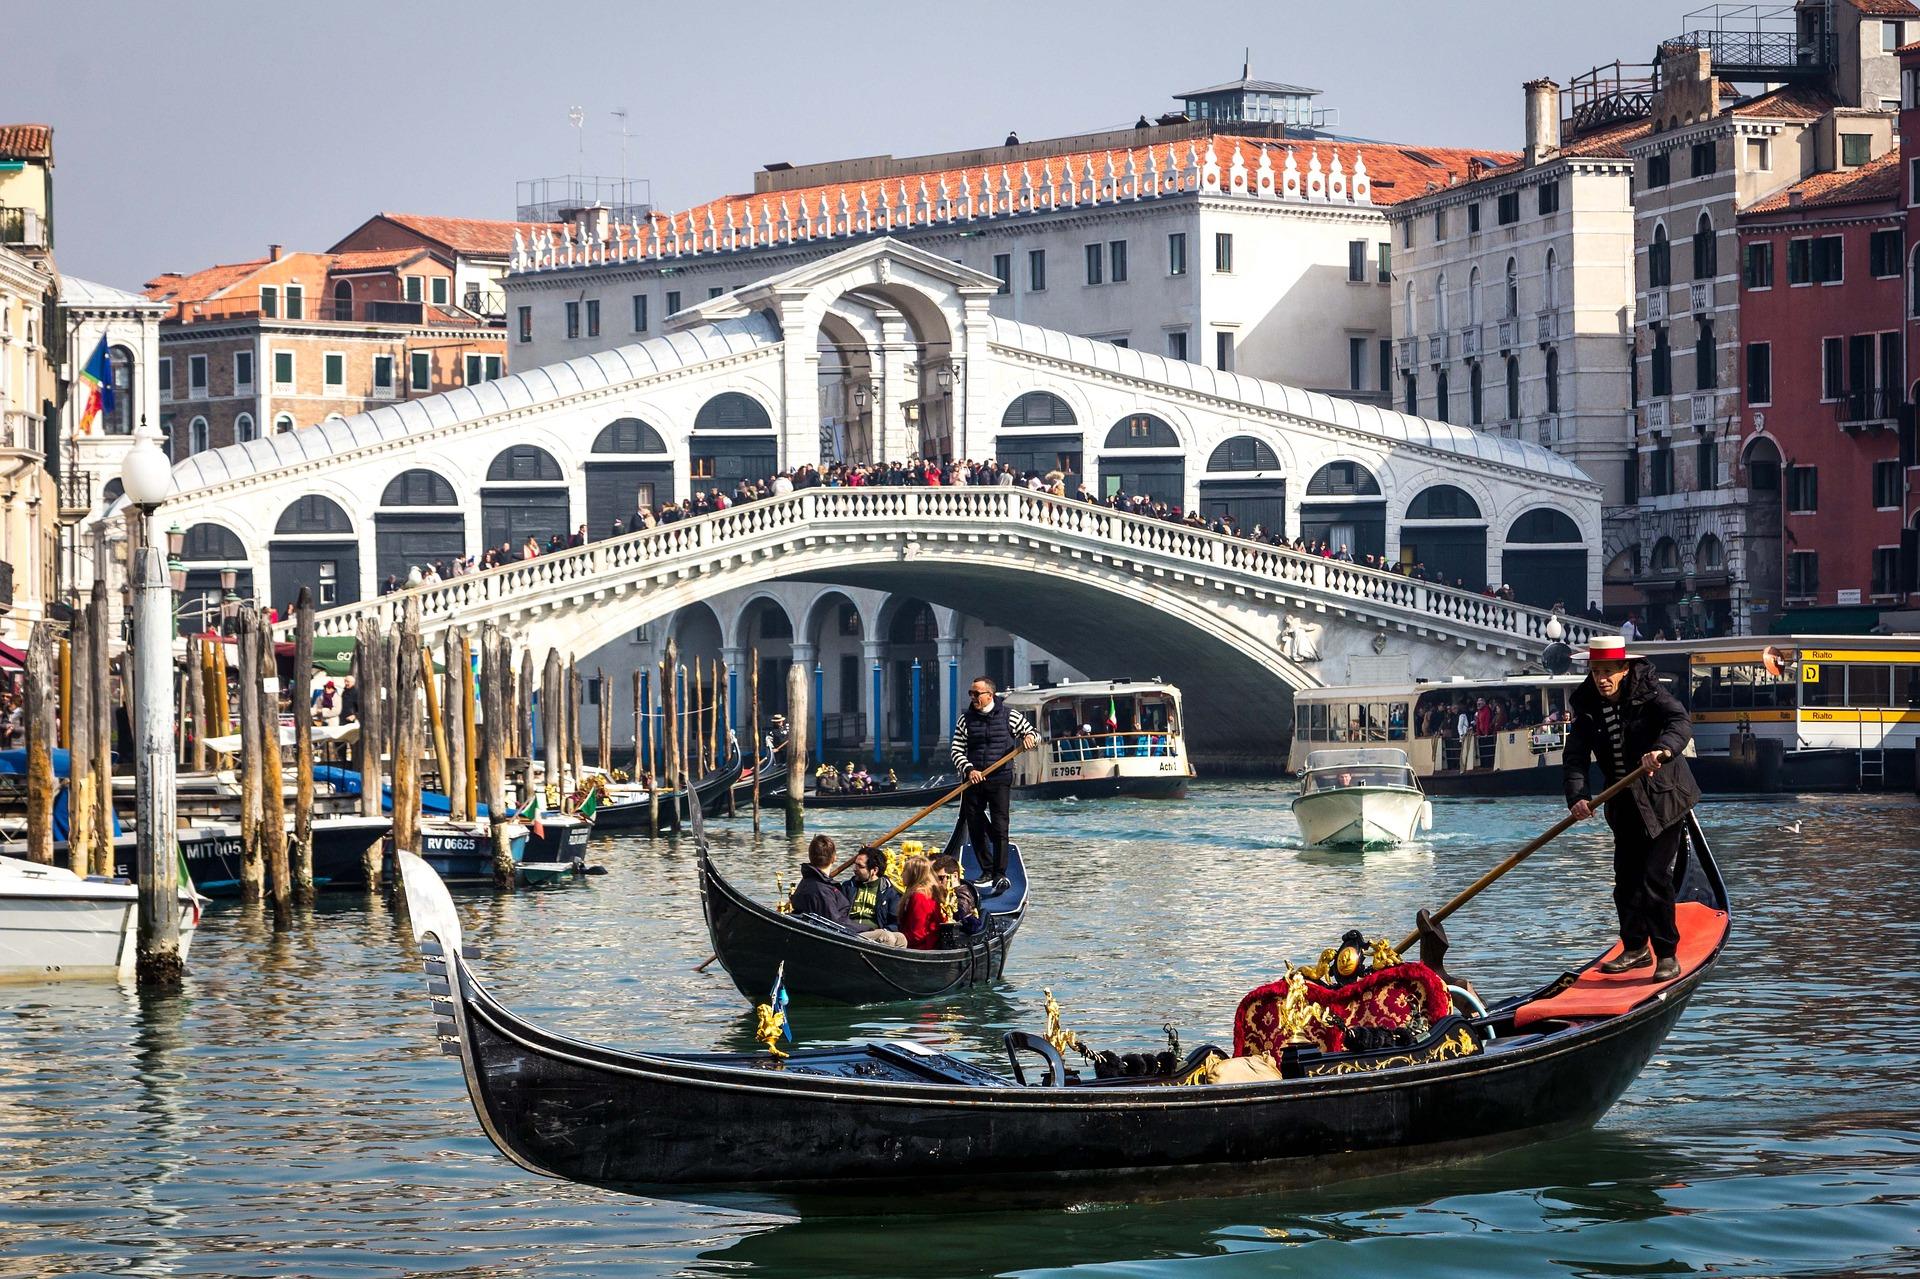 Carnaval de Venecia, Italia carnaval de venecia - 39469480075 317b799844 o - Carnaval de Venecia : la historia y elegancia toman la calle